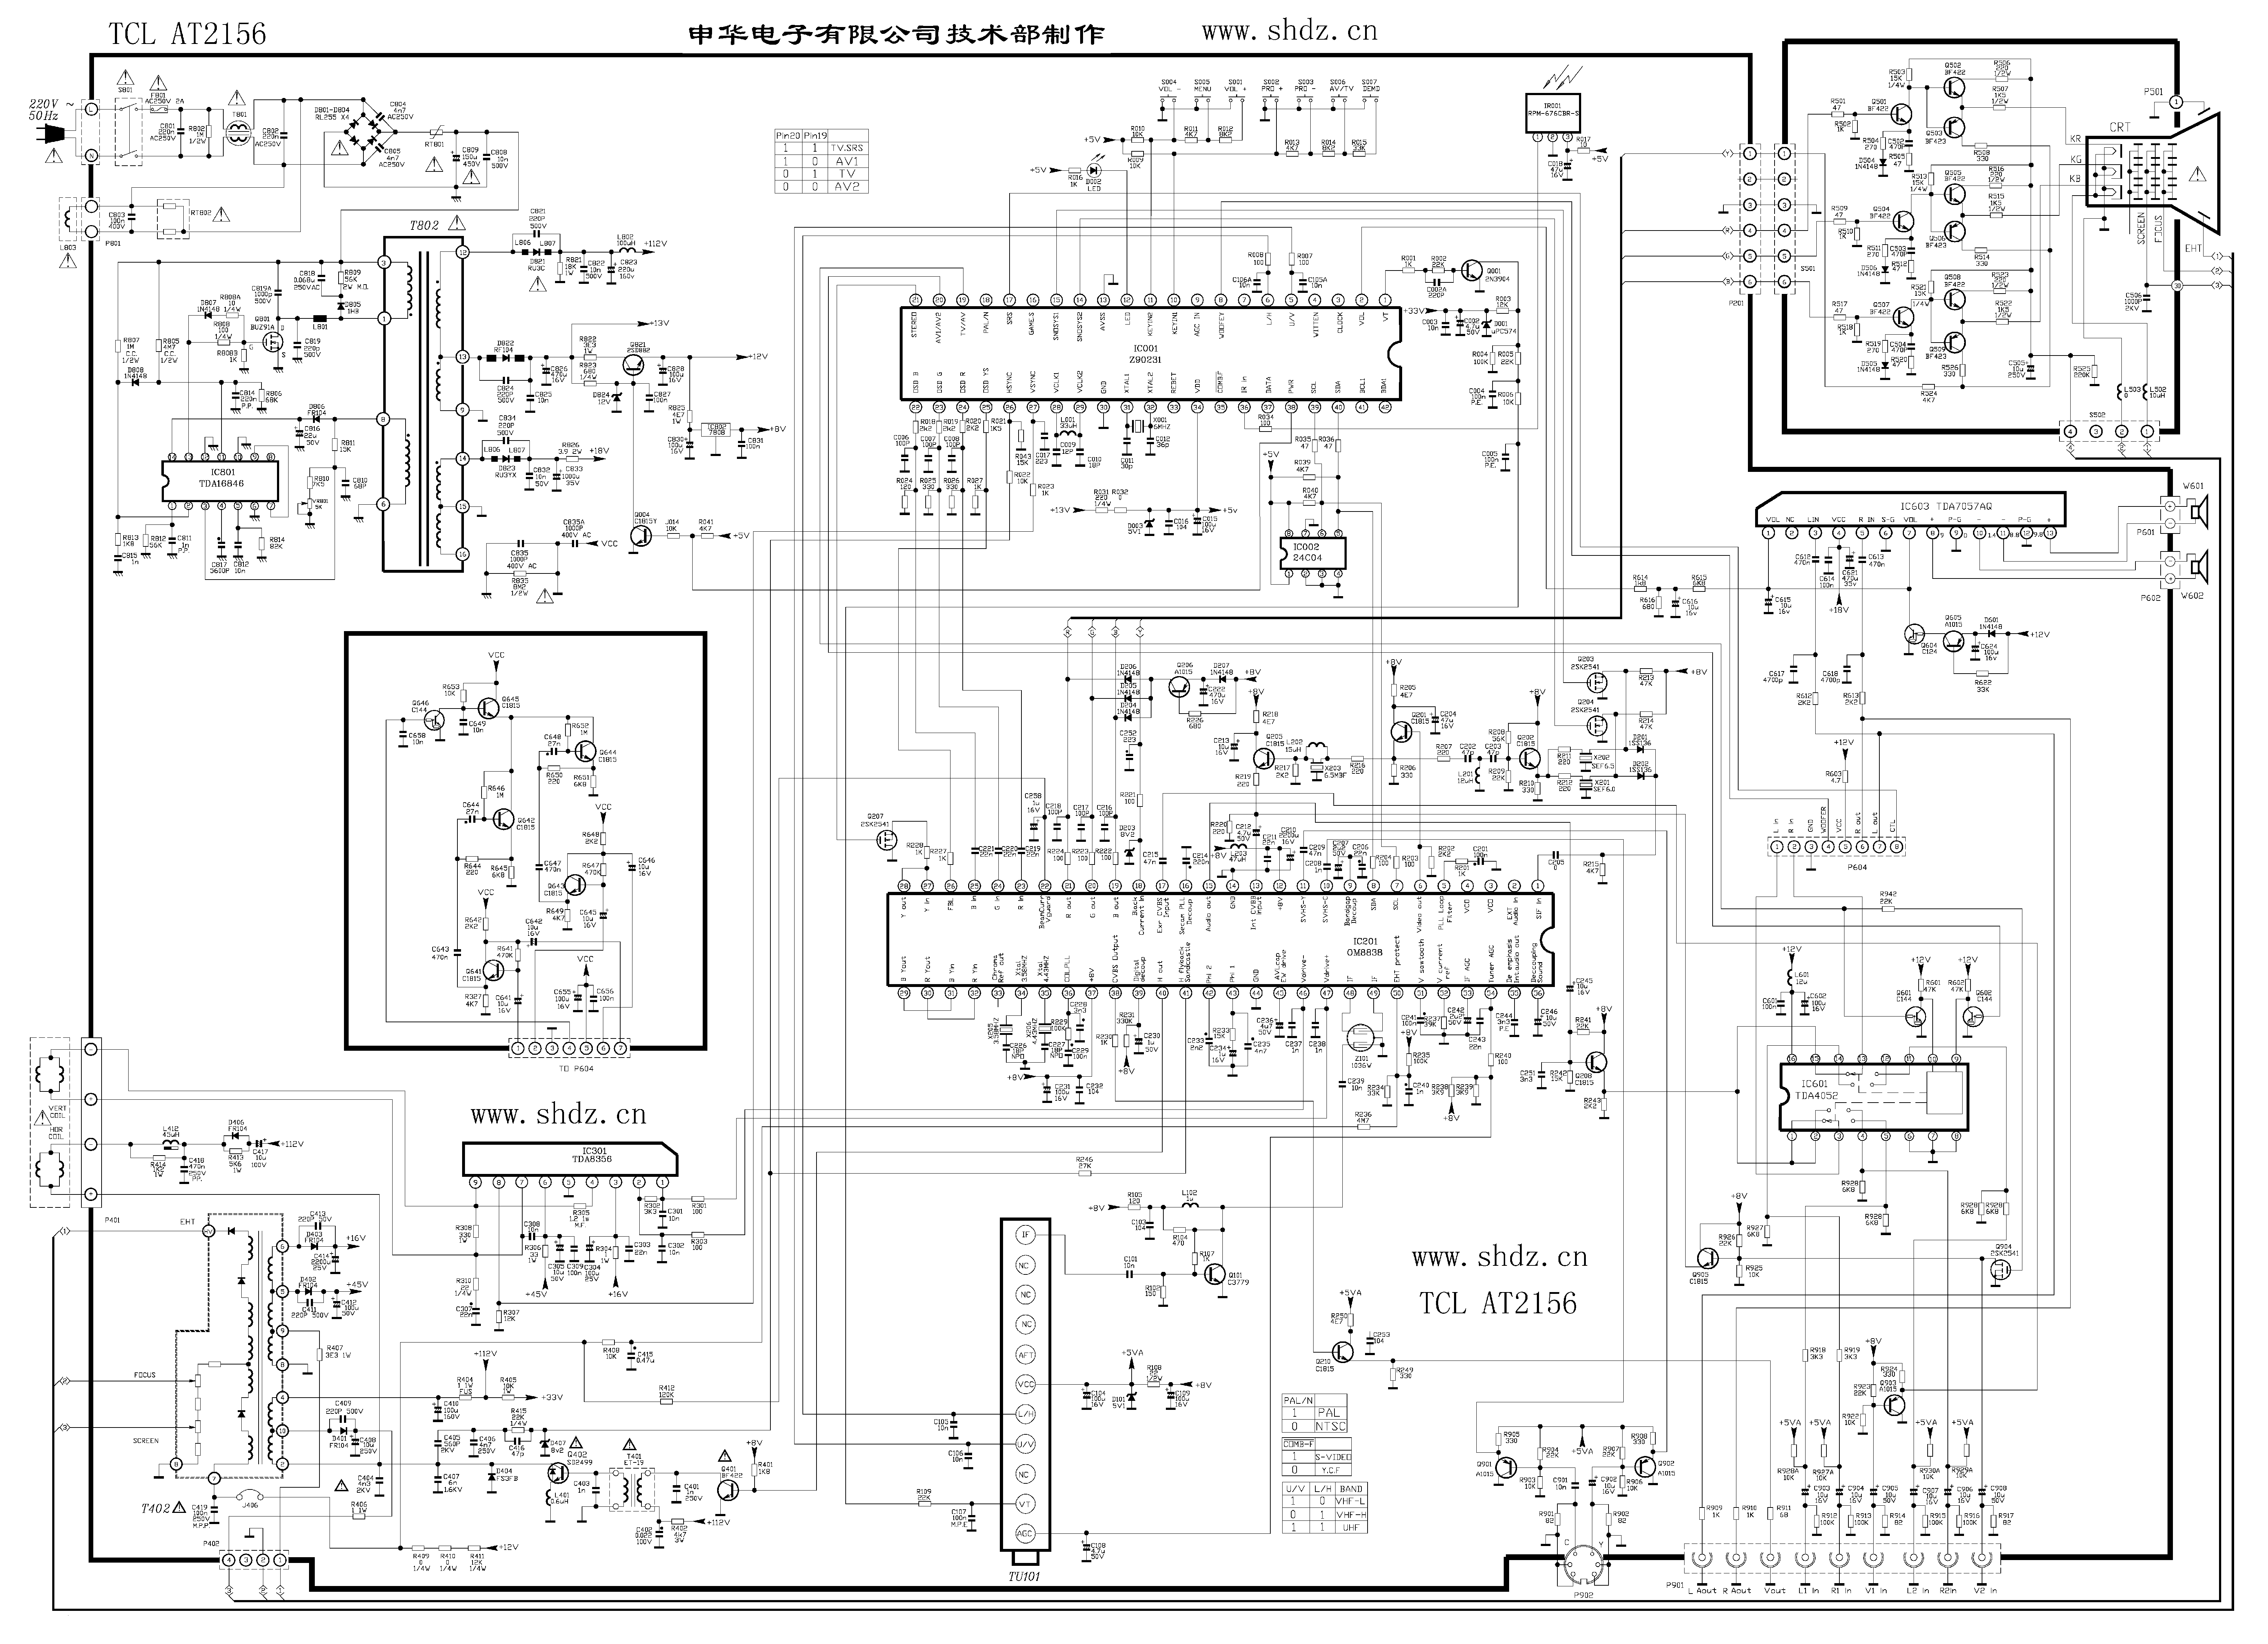 tcl ec2129